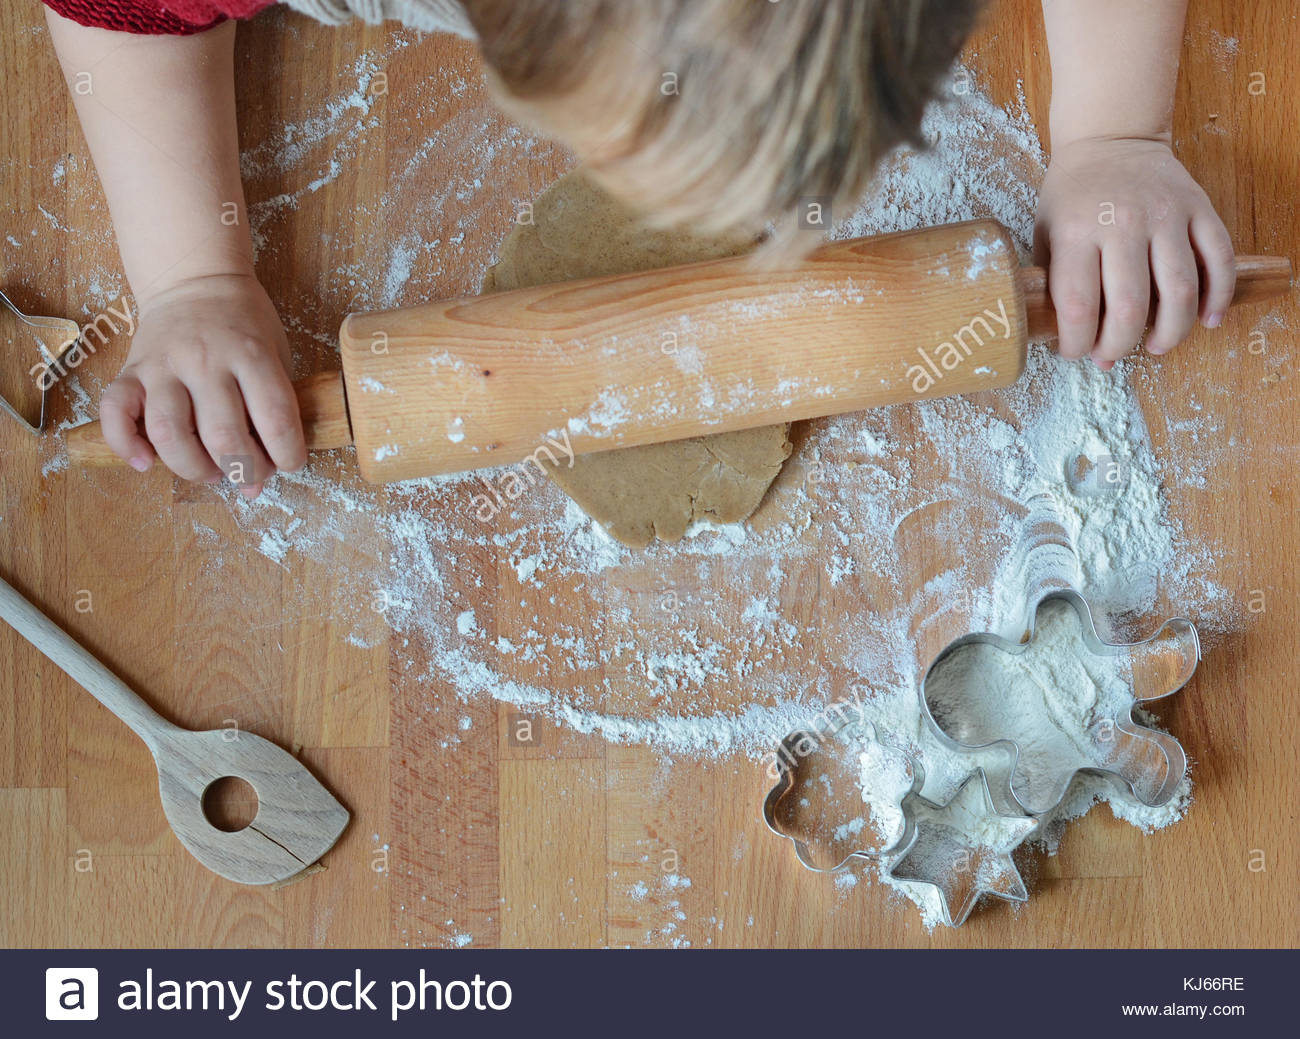 Child baking - Stock Image